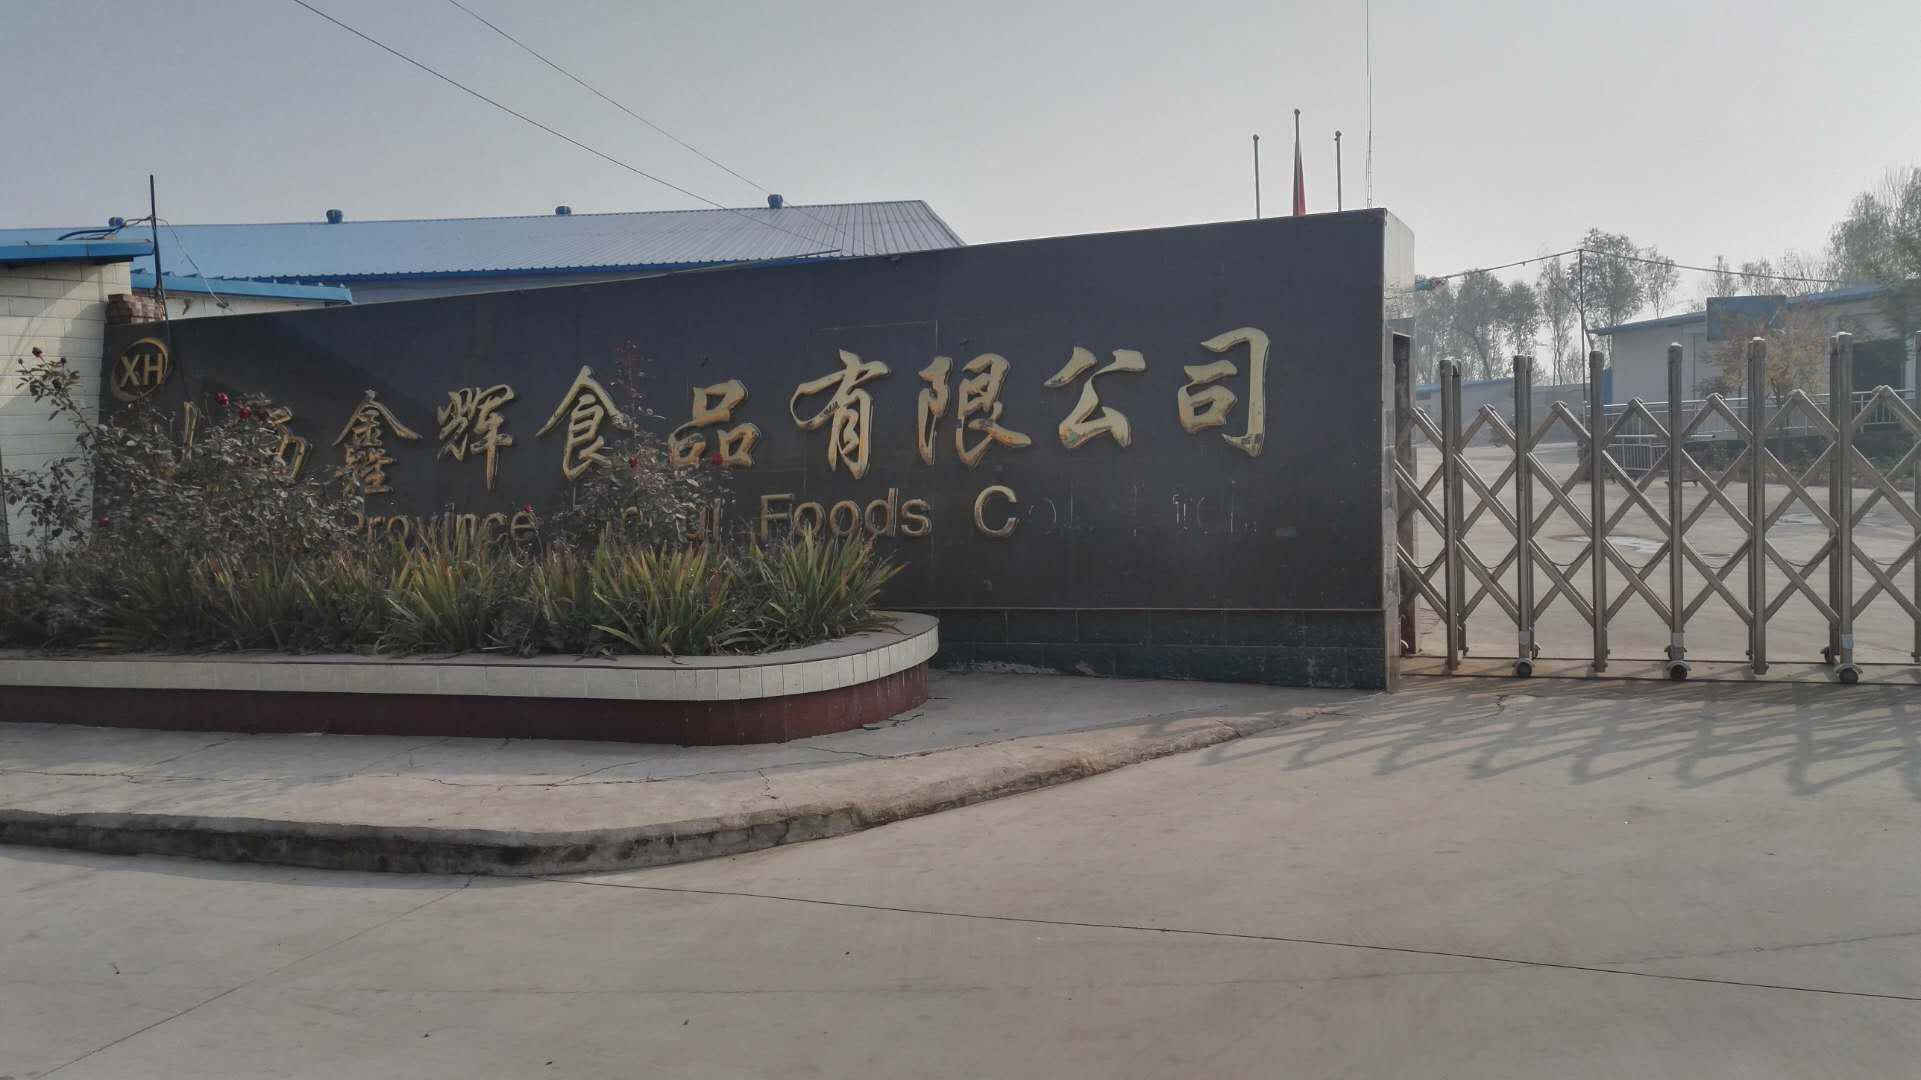 食品厂污水处理——山西鑫辉食品有限公司